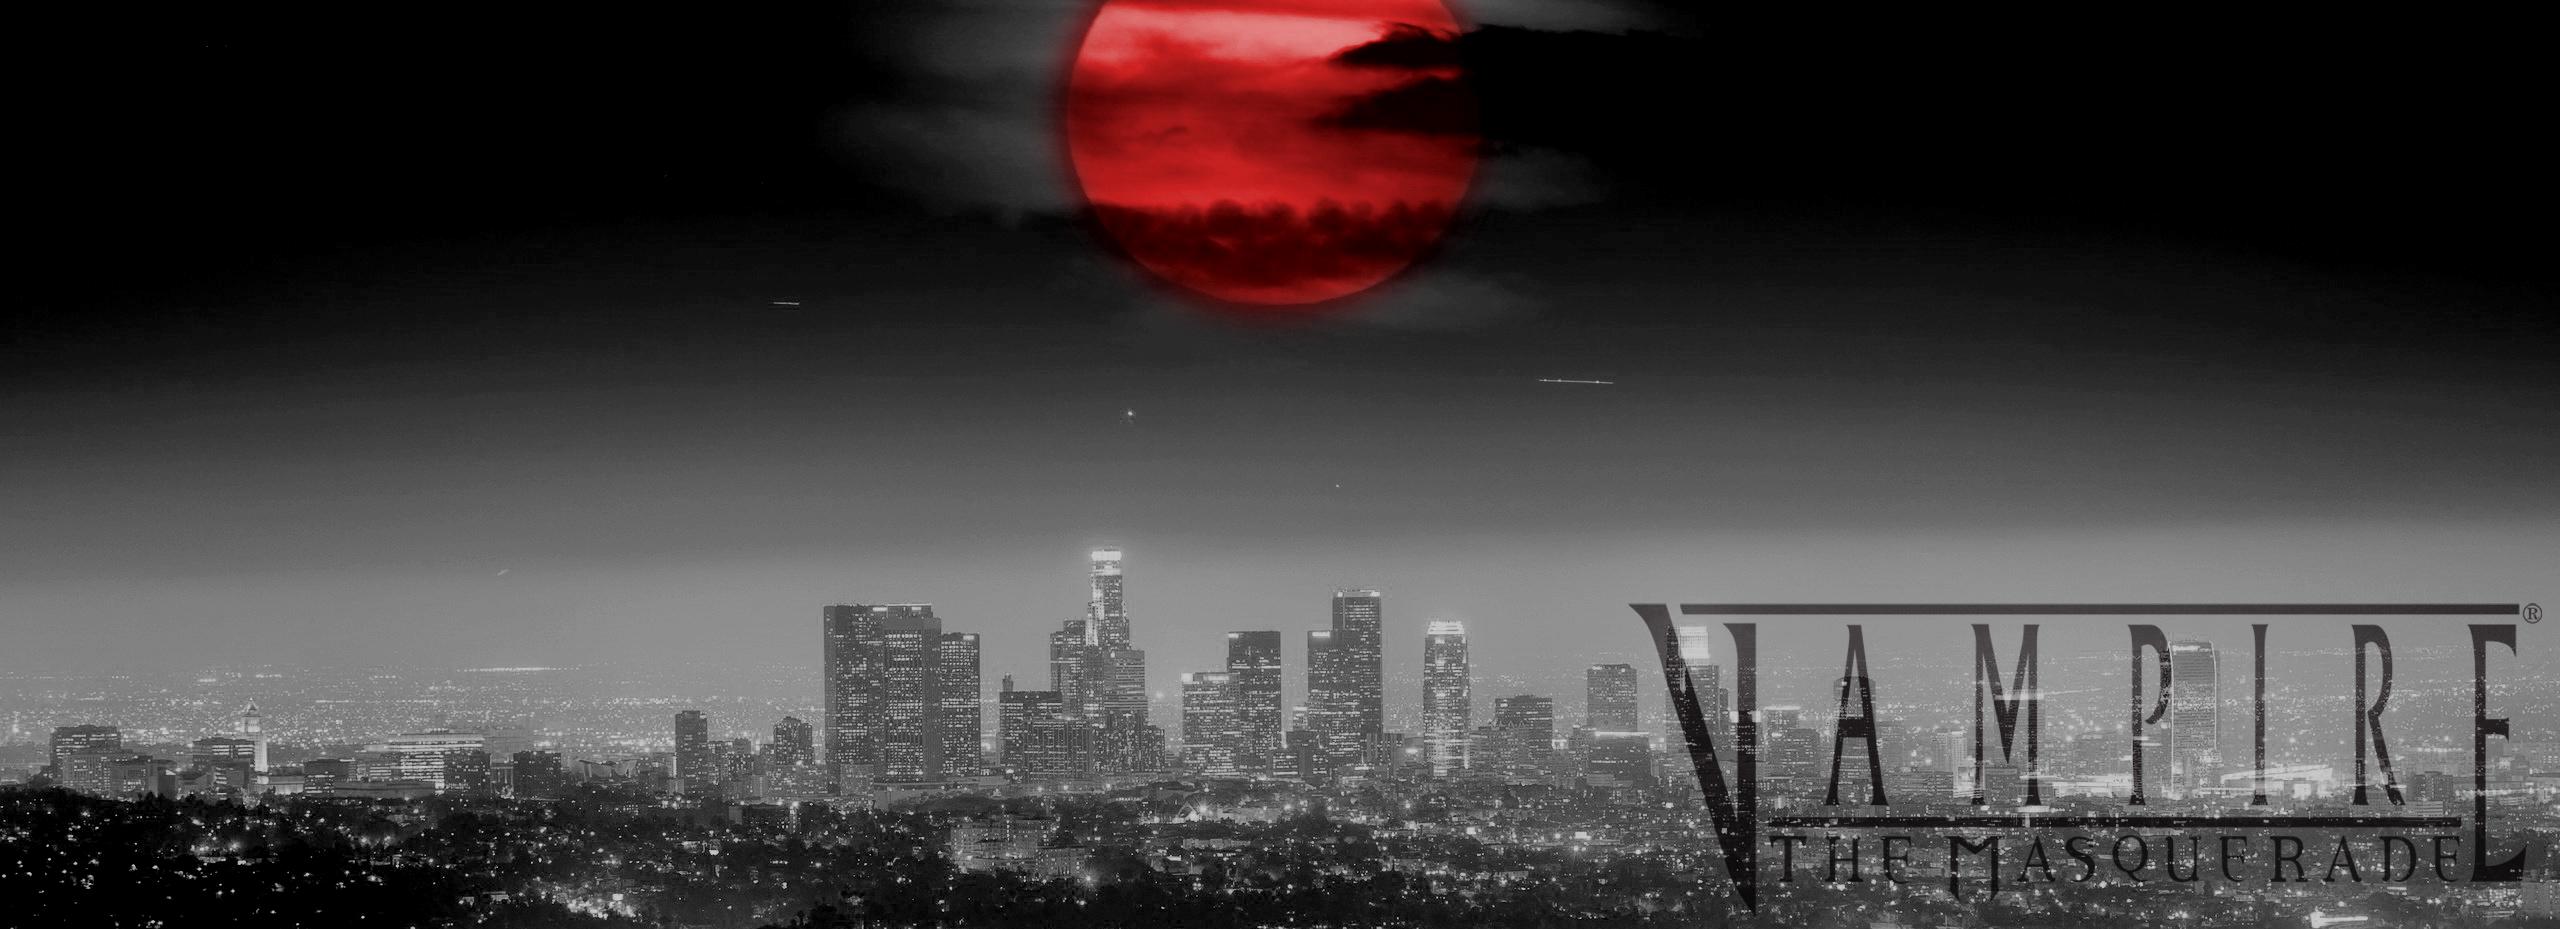 Vampire_LA_Logo.jpg